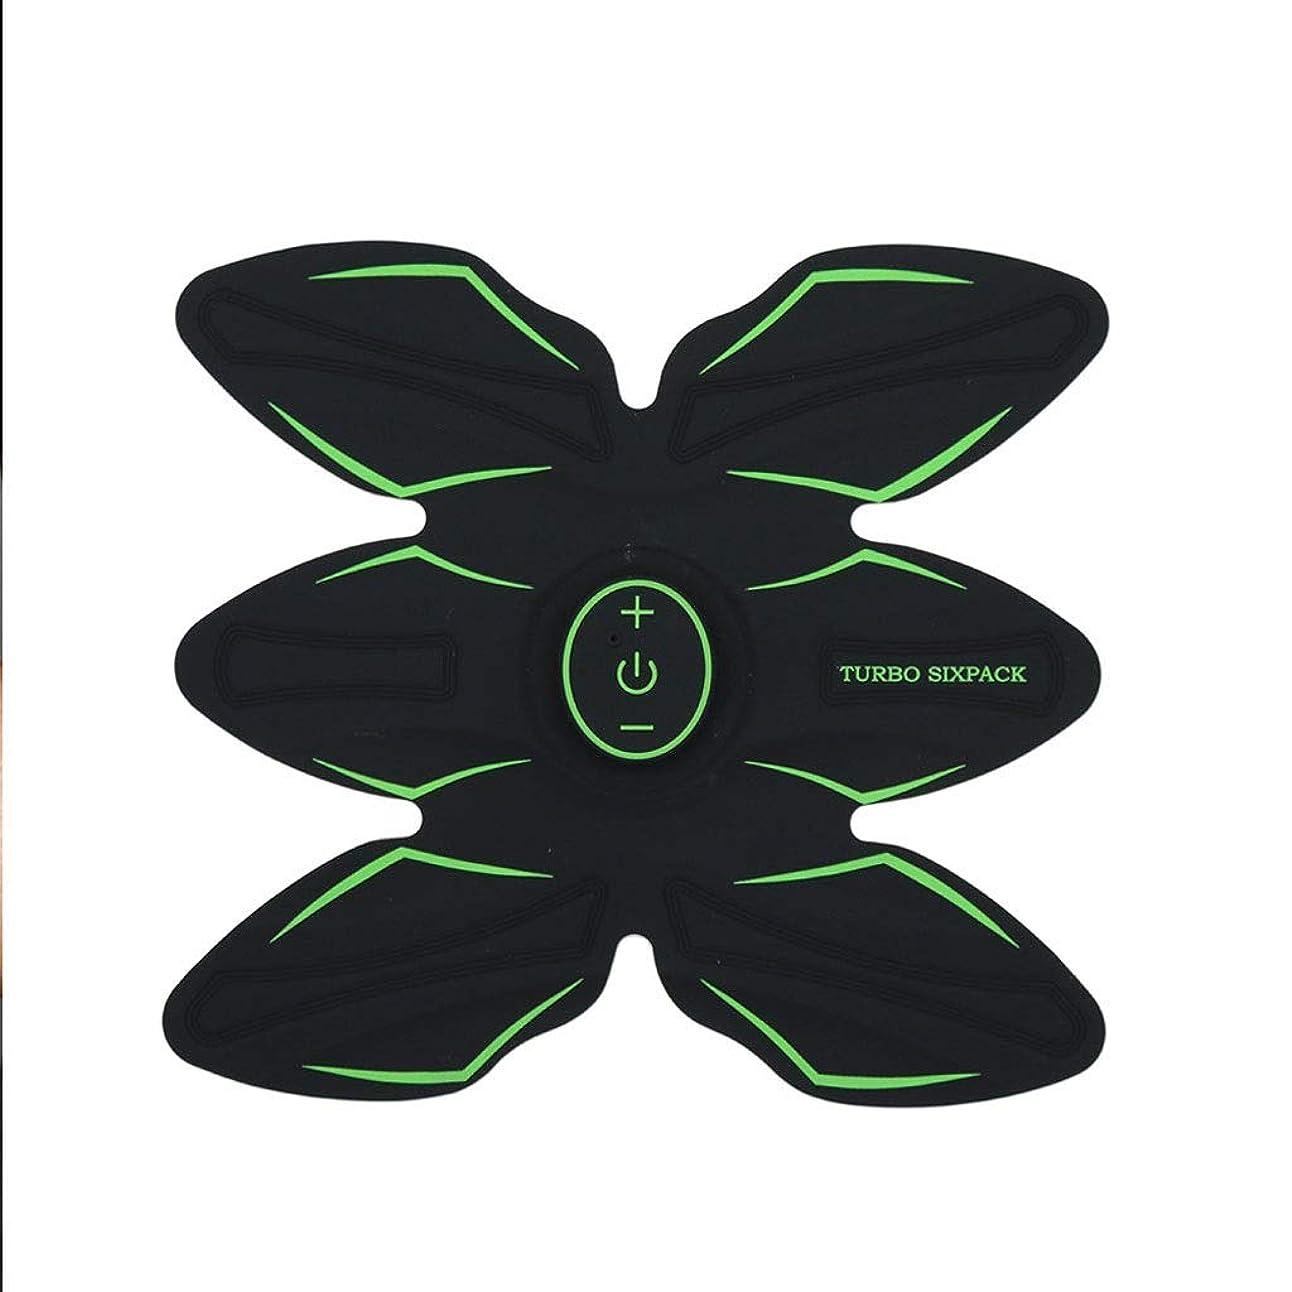 費用安らぎ肥沃なABSトレーナーEMS腹部電気筋肉刺激装置筋肉トナー調色ベルトフィットネスギアABSエクササイズマシンウエストトレーナーホームワークアウトフィットネス機器